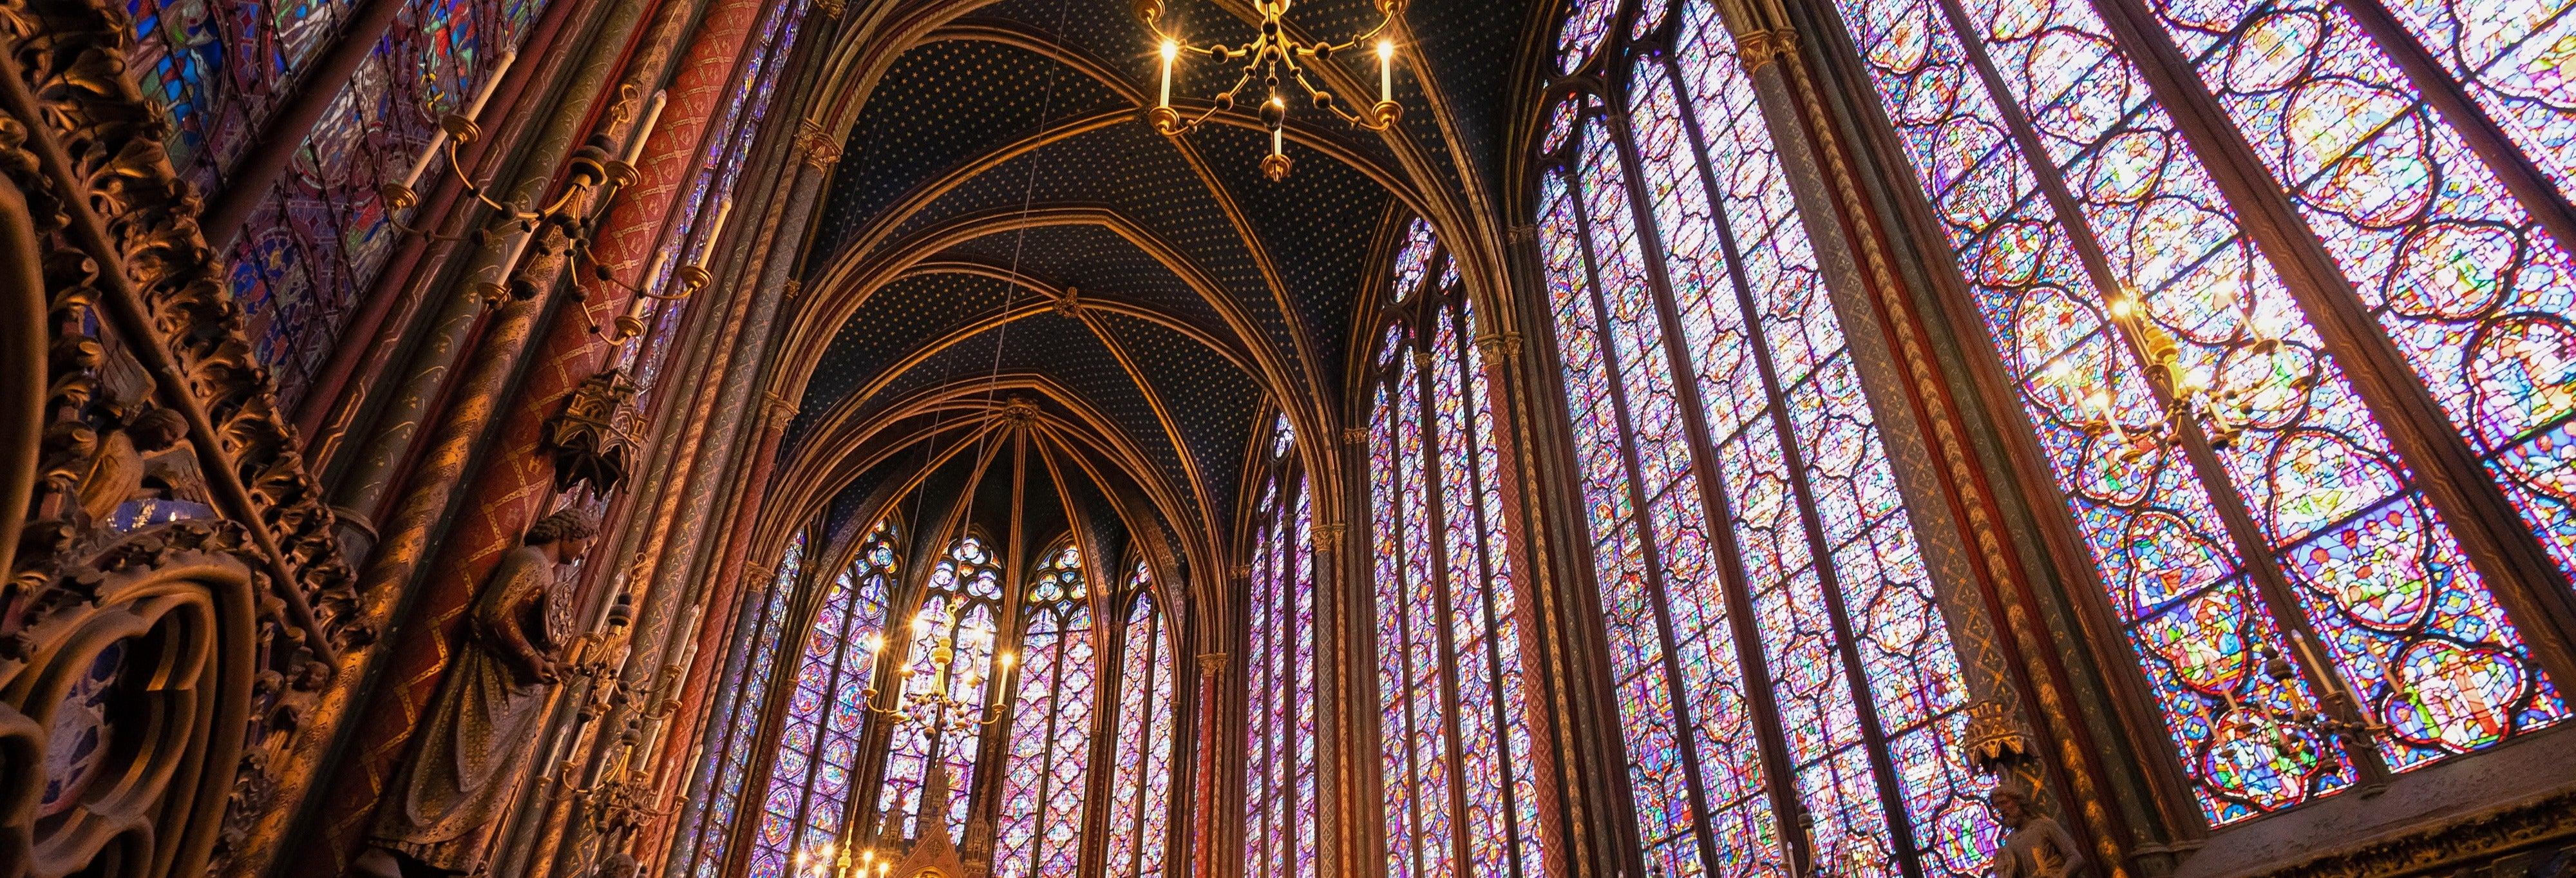 Biglietti salta fila per la Conciergerie e la Sainte Chapelle